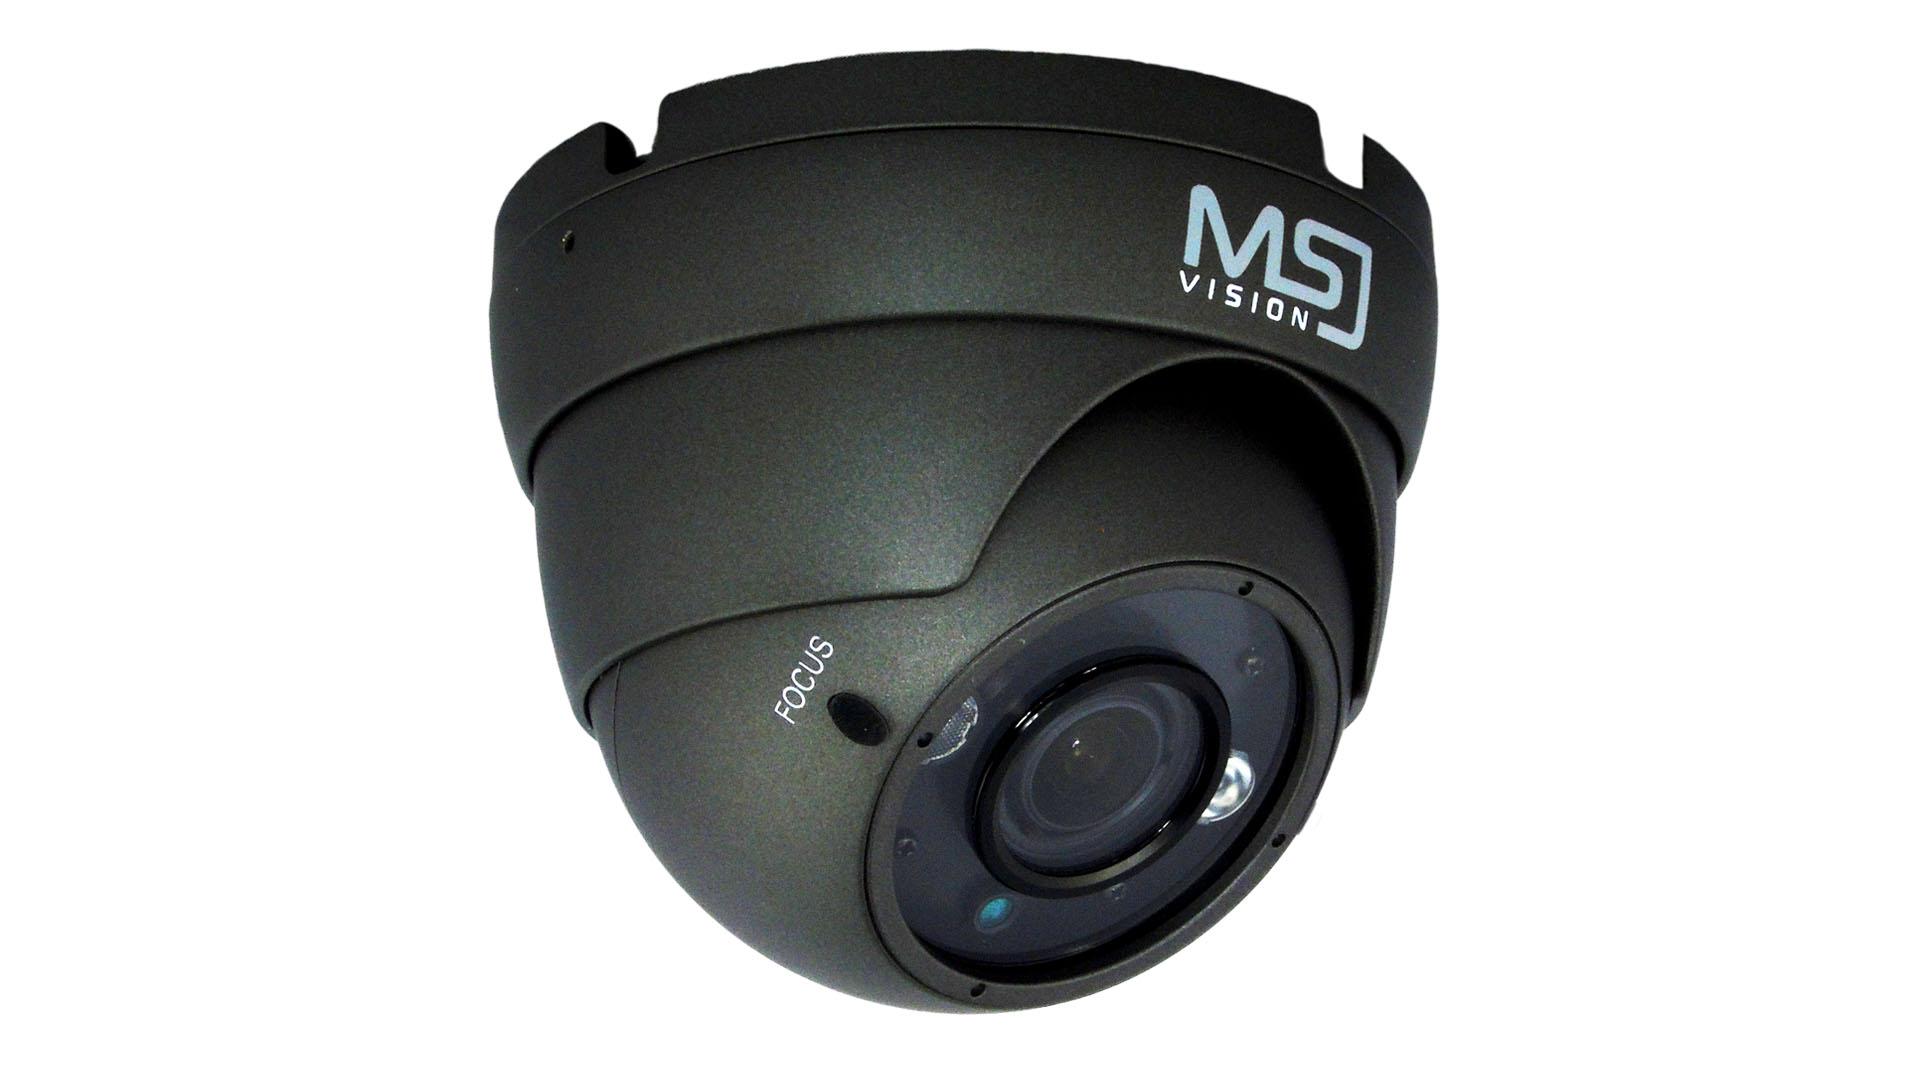 MSJ-HBR-6302G-ARL1080P STARLIGHT